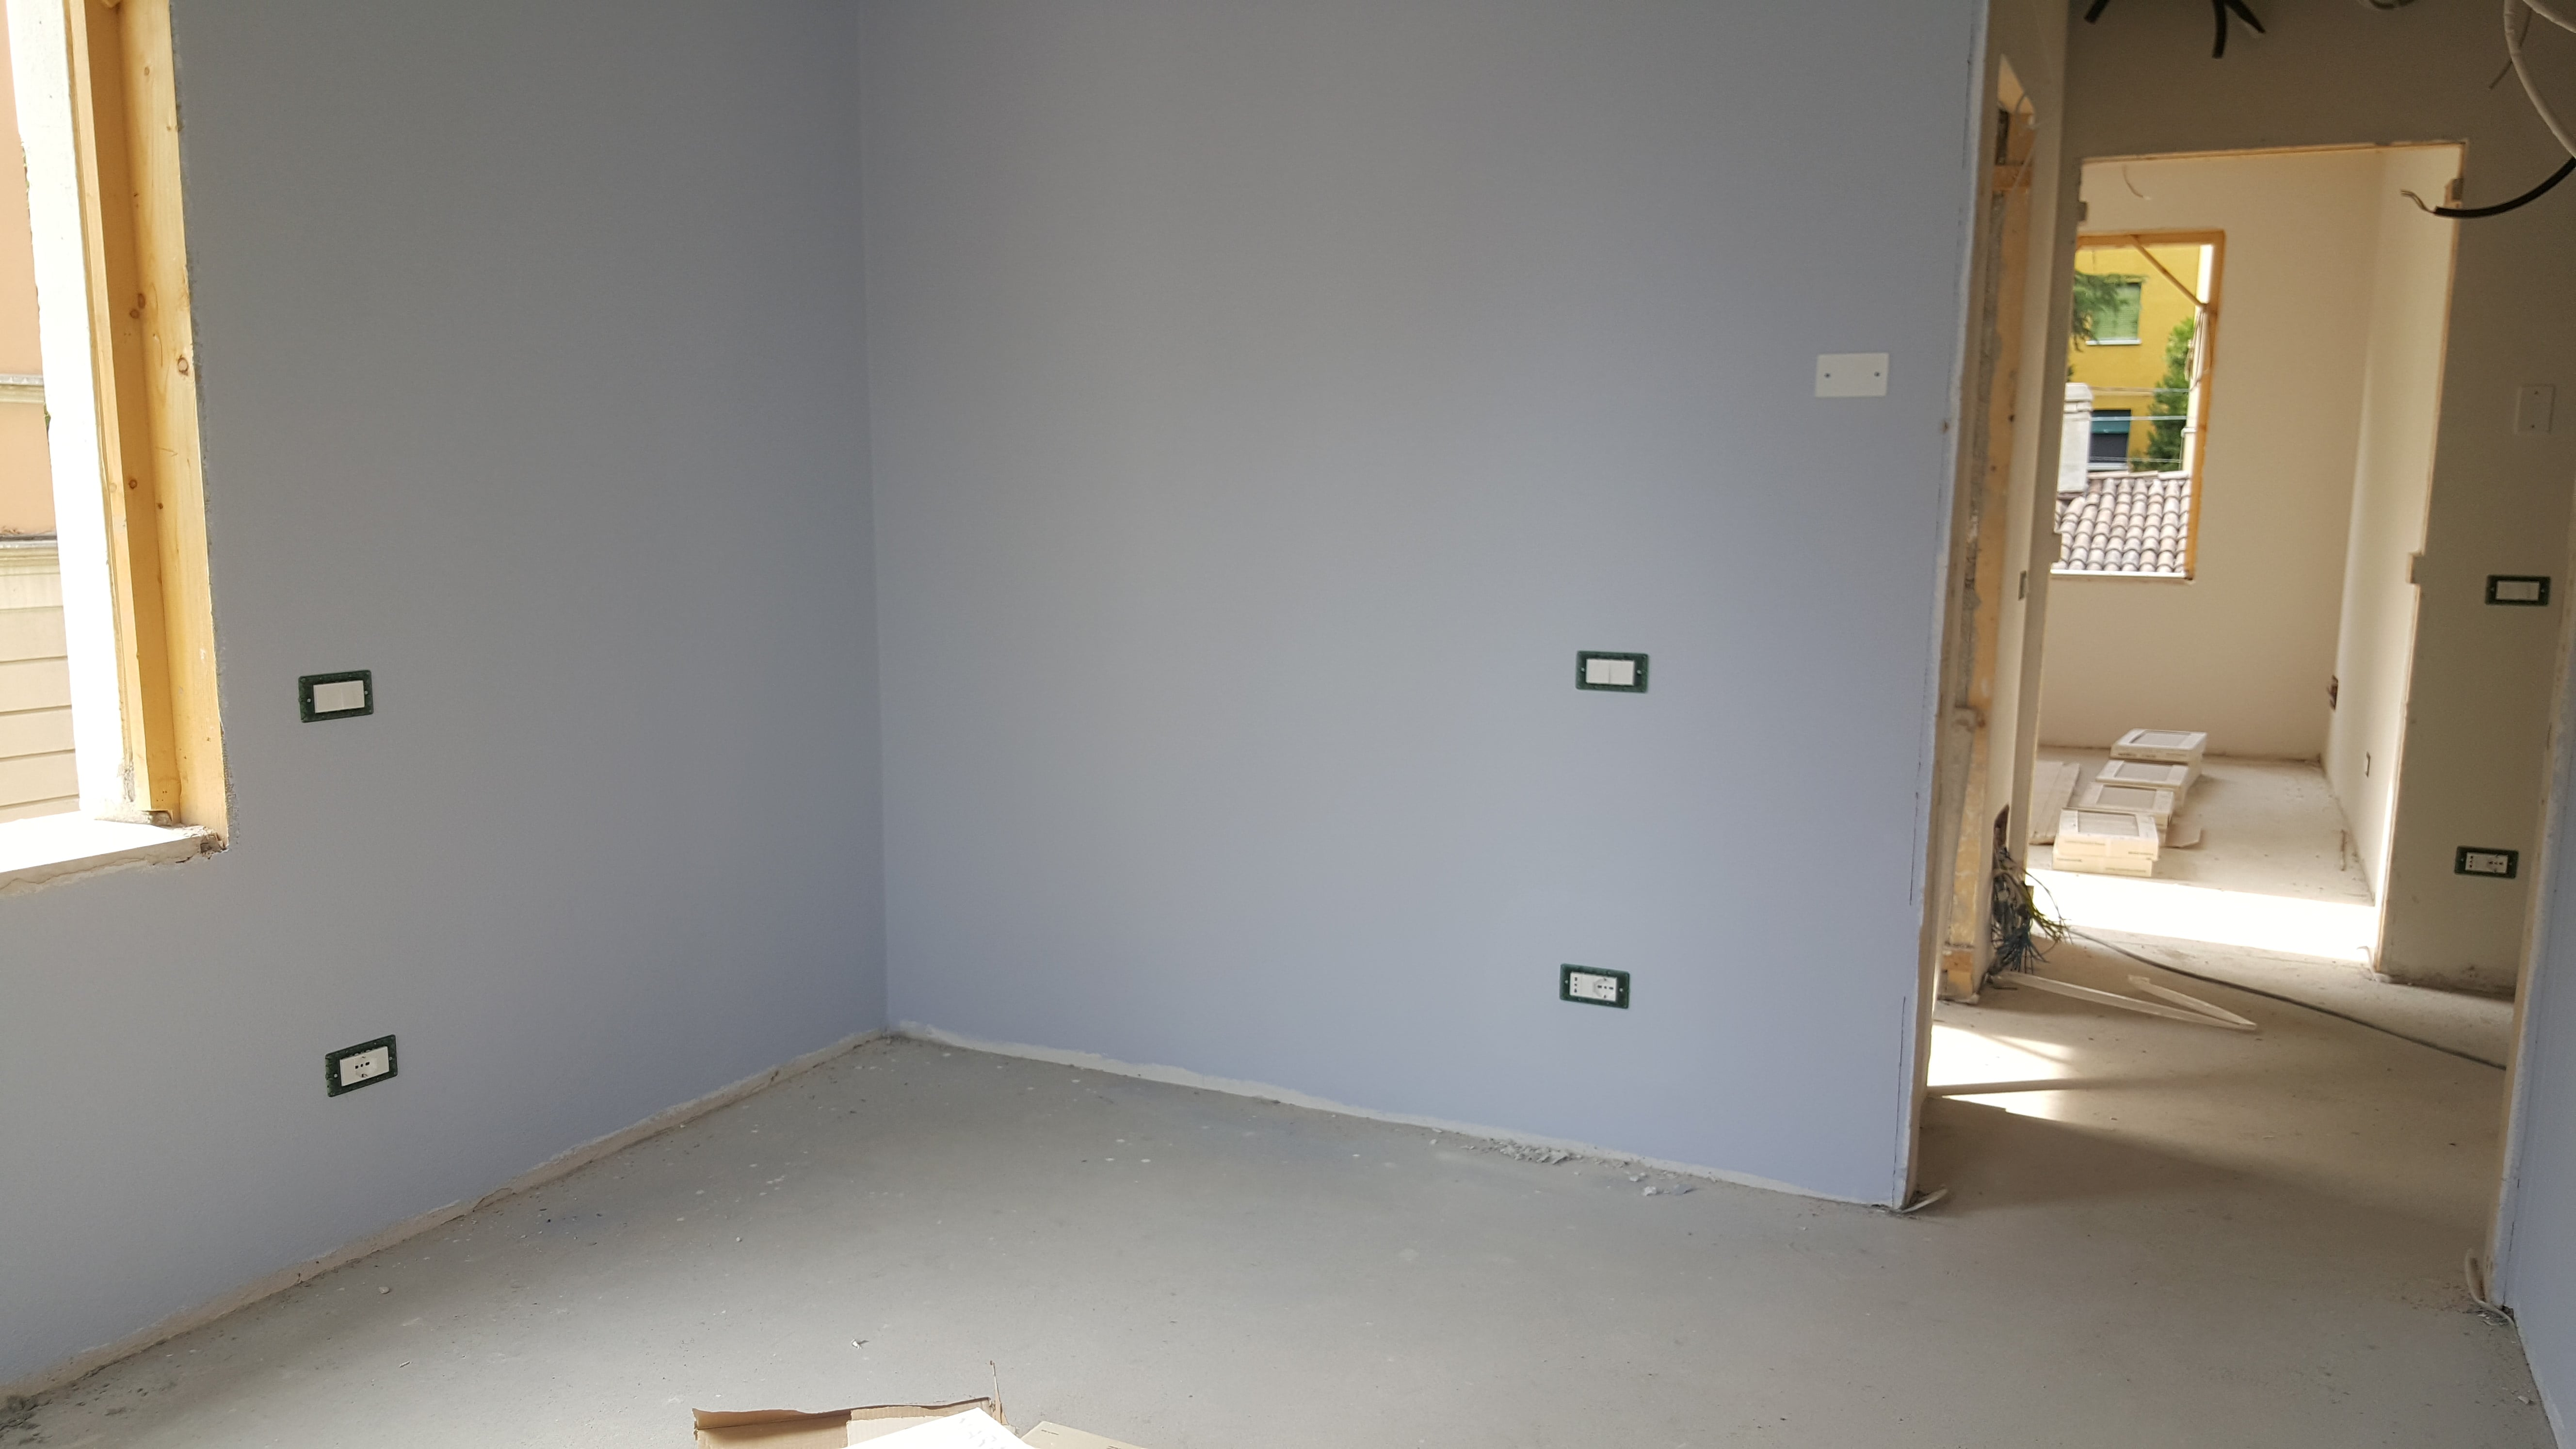 Ristrutturazione casa reggio emilia, camera 2